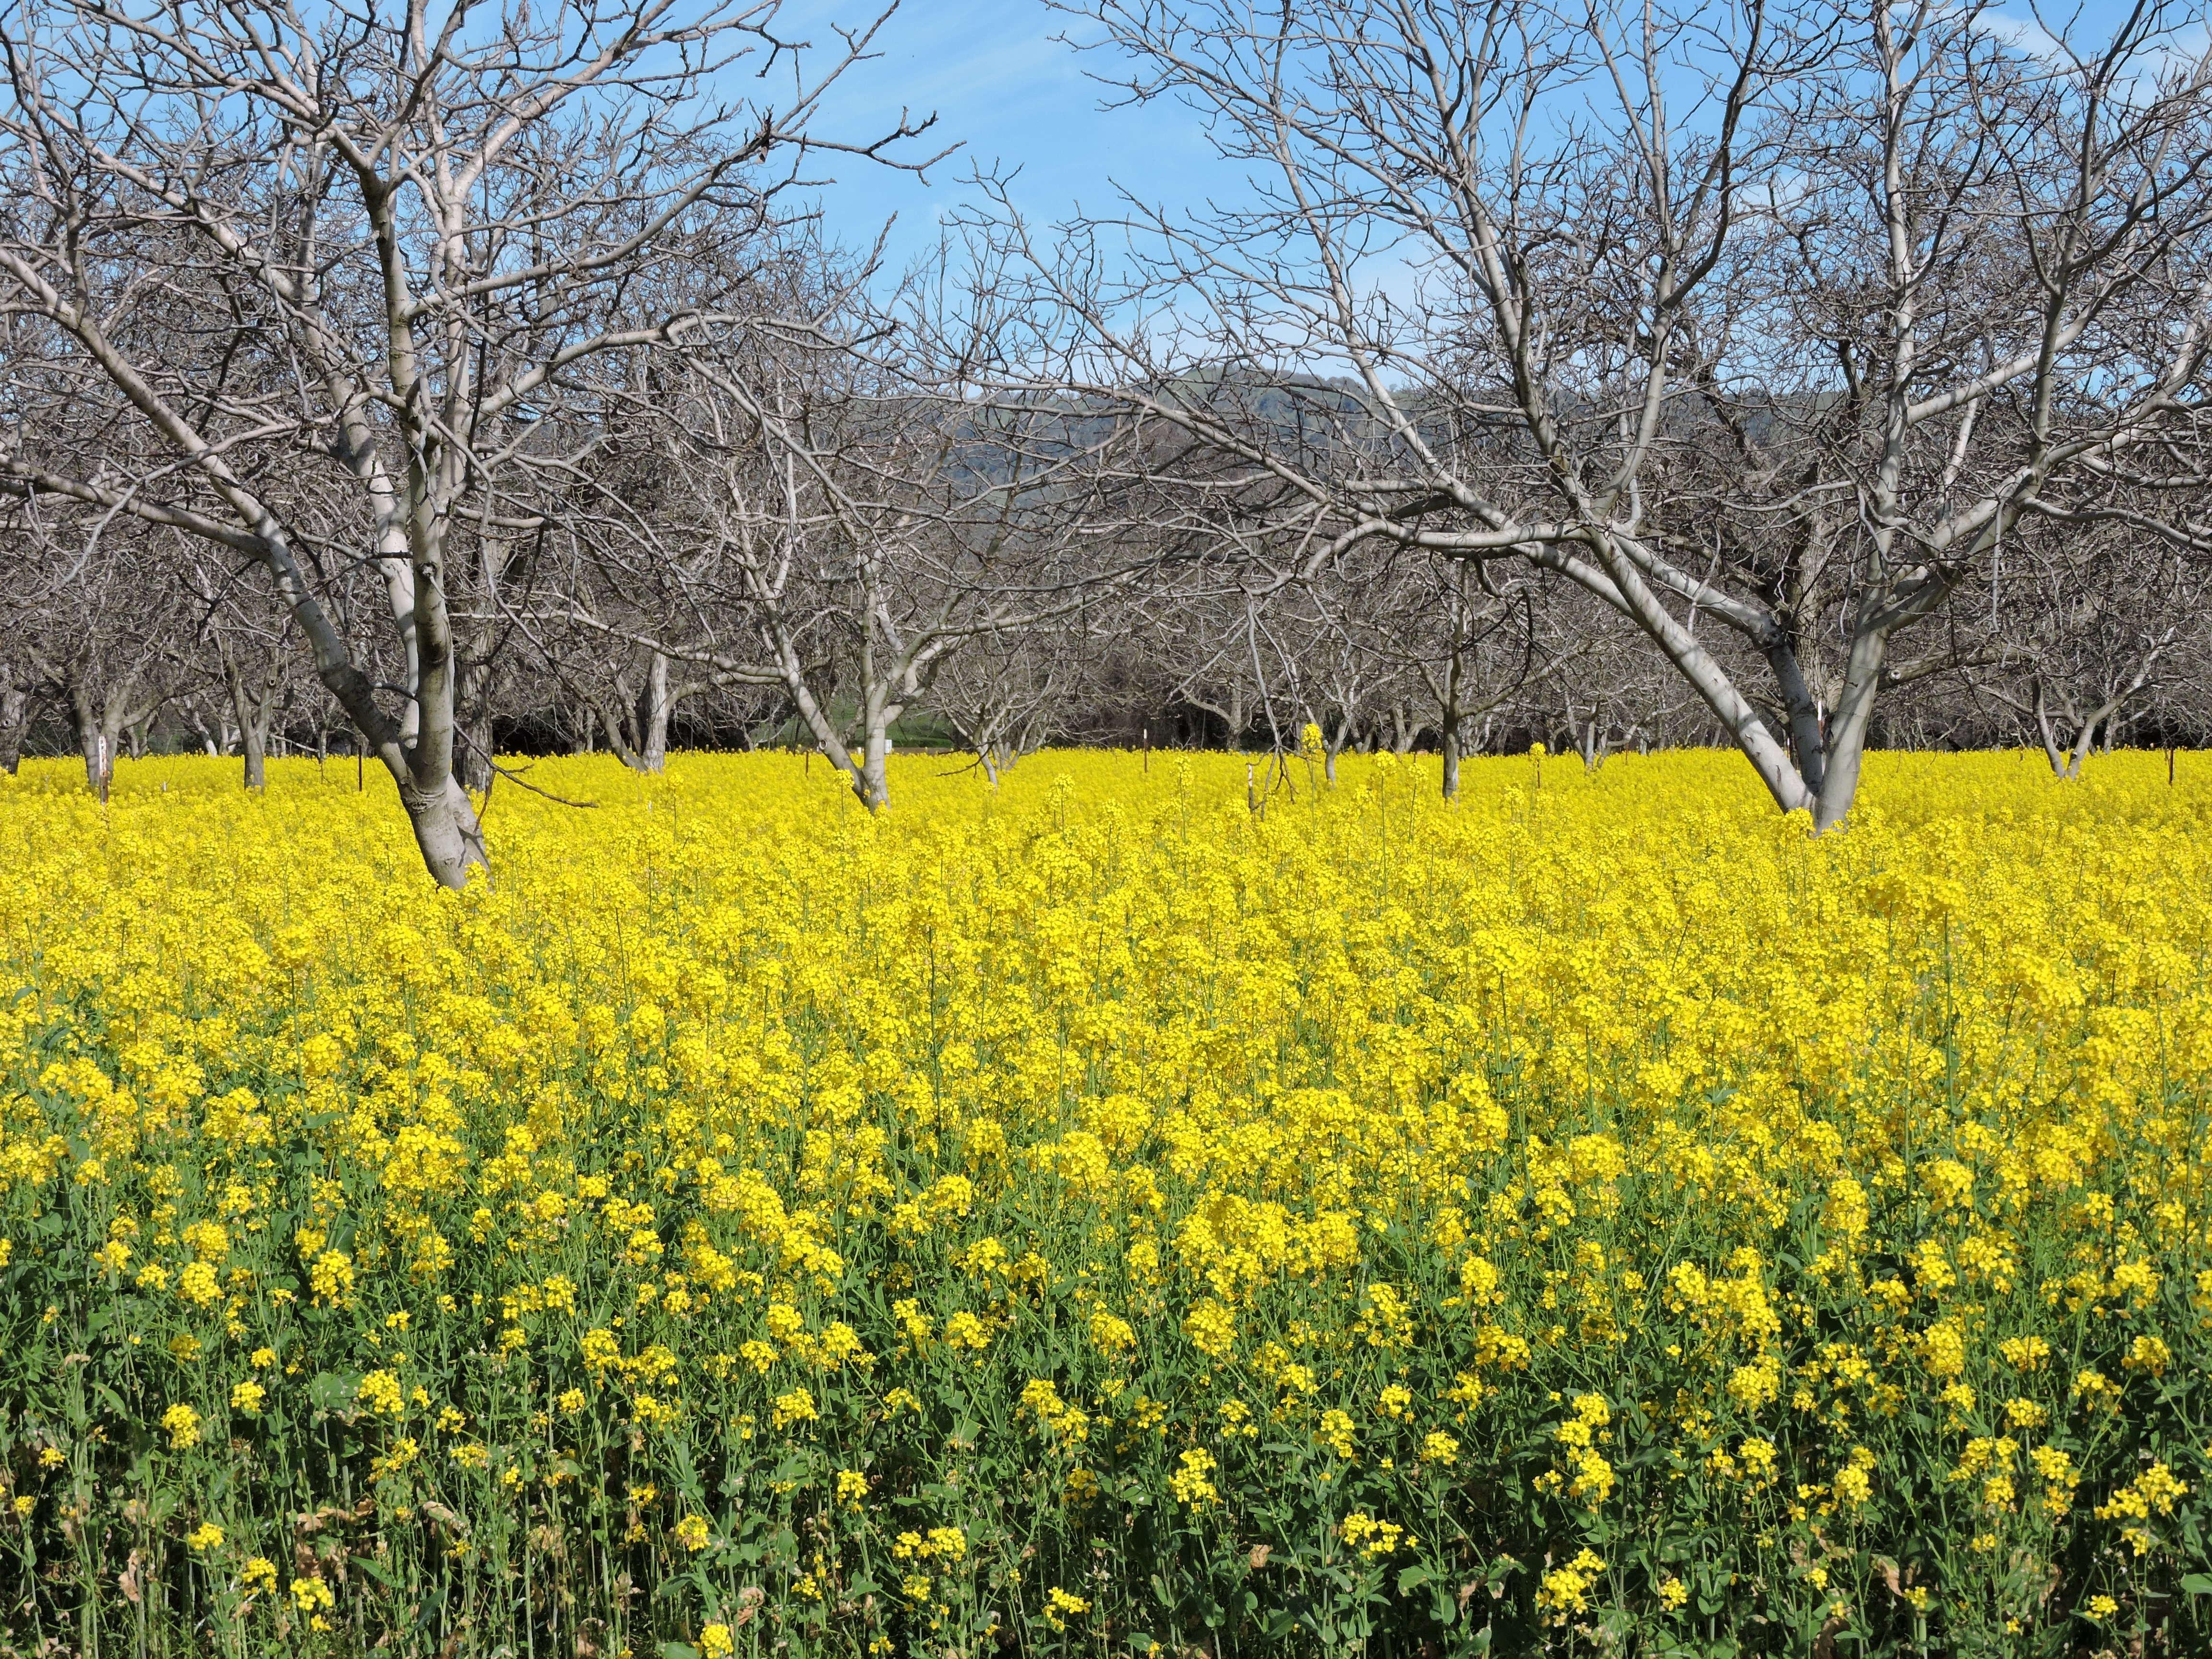 Suisun Valley's mustard creates beautiful winter blanket - Visit